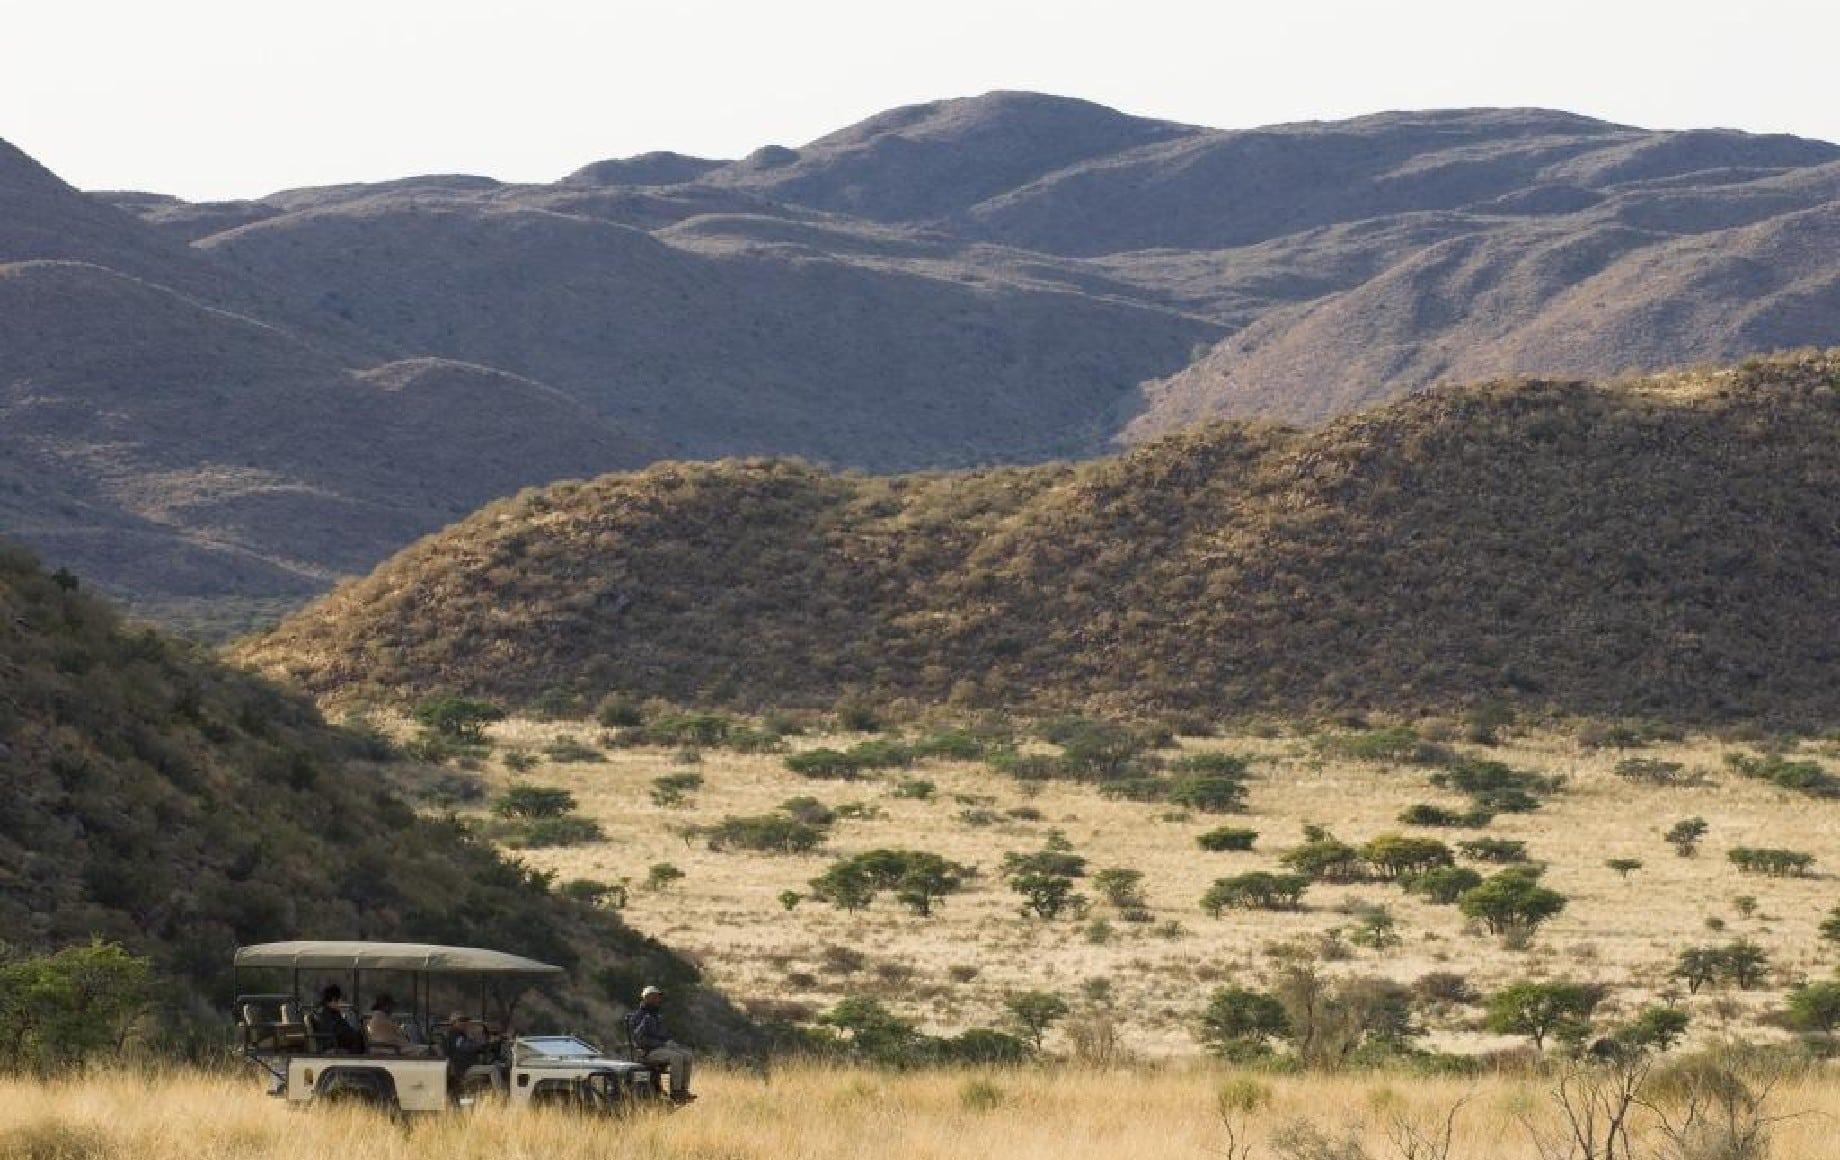 a safari vehicle driving through the savannah